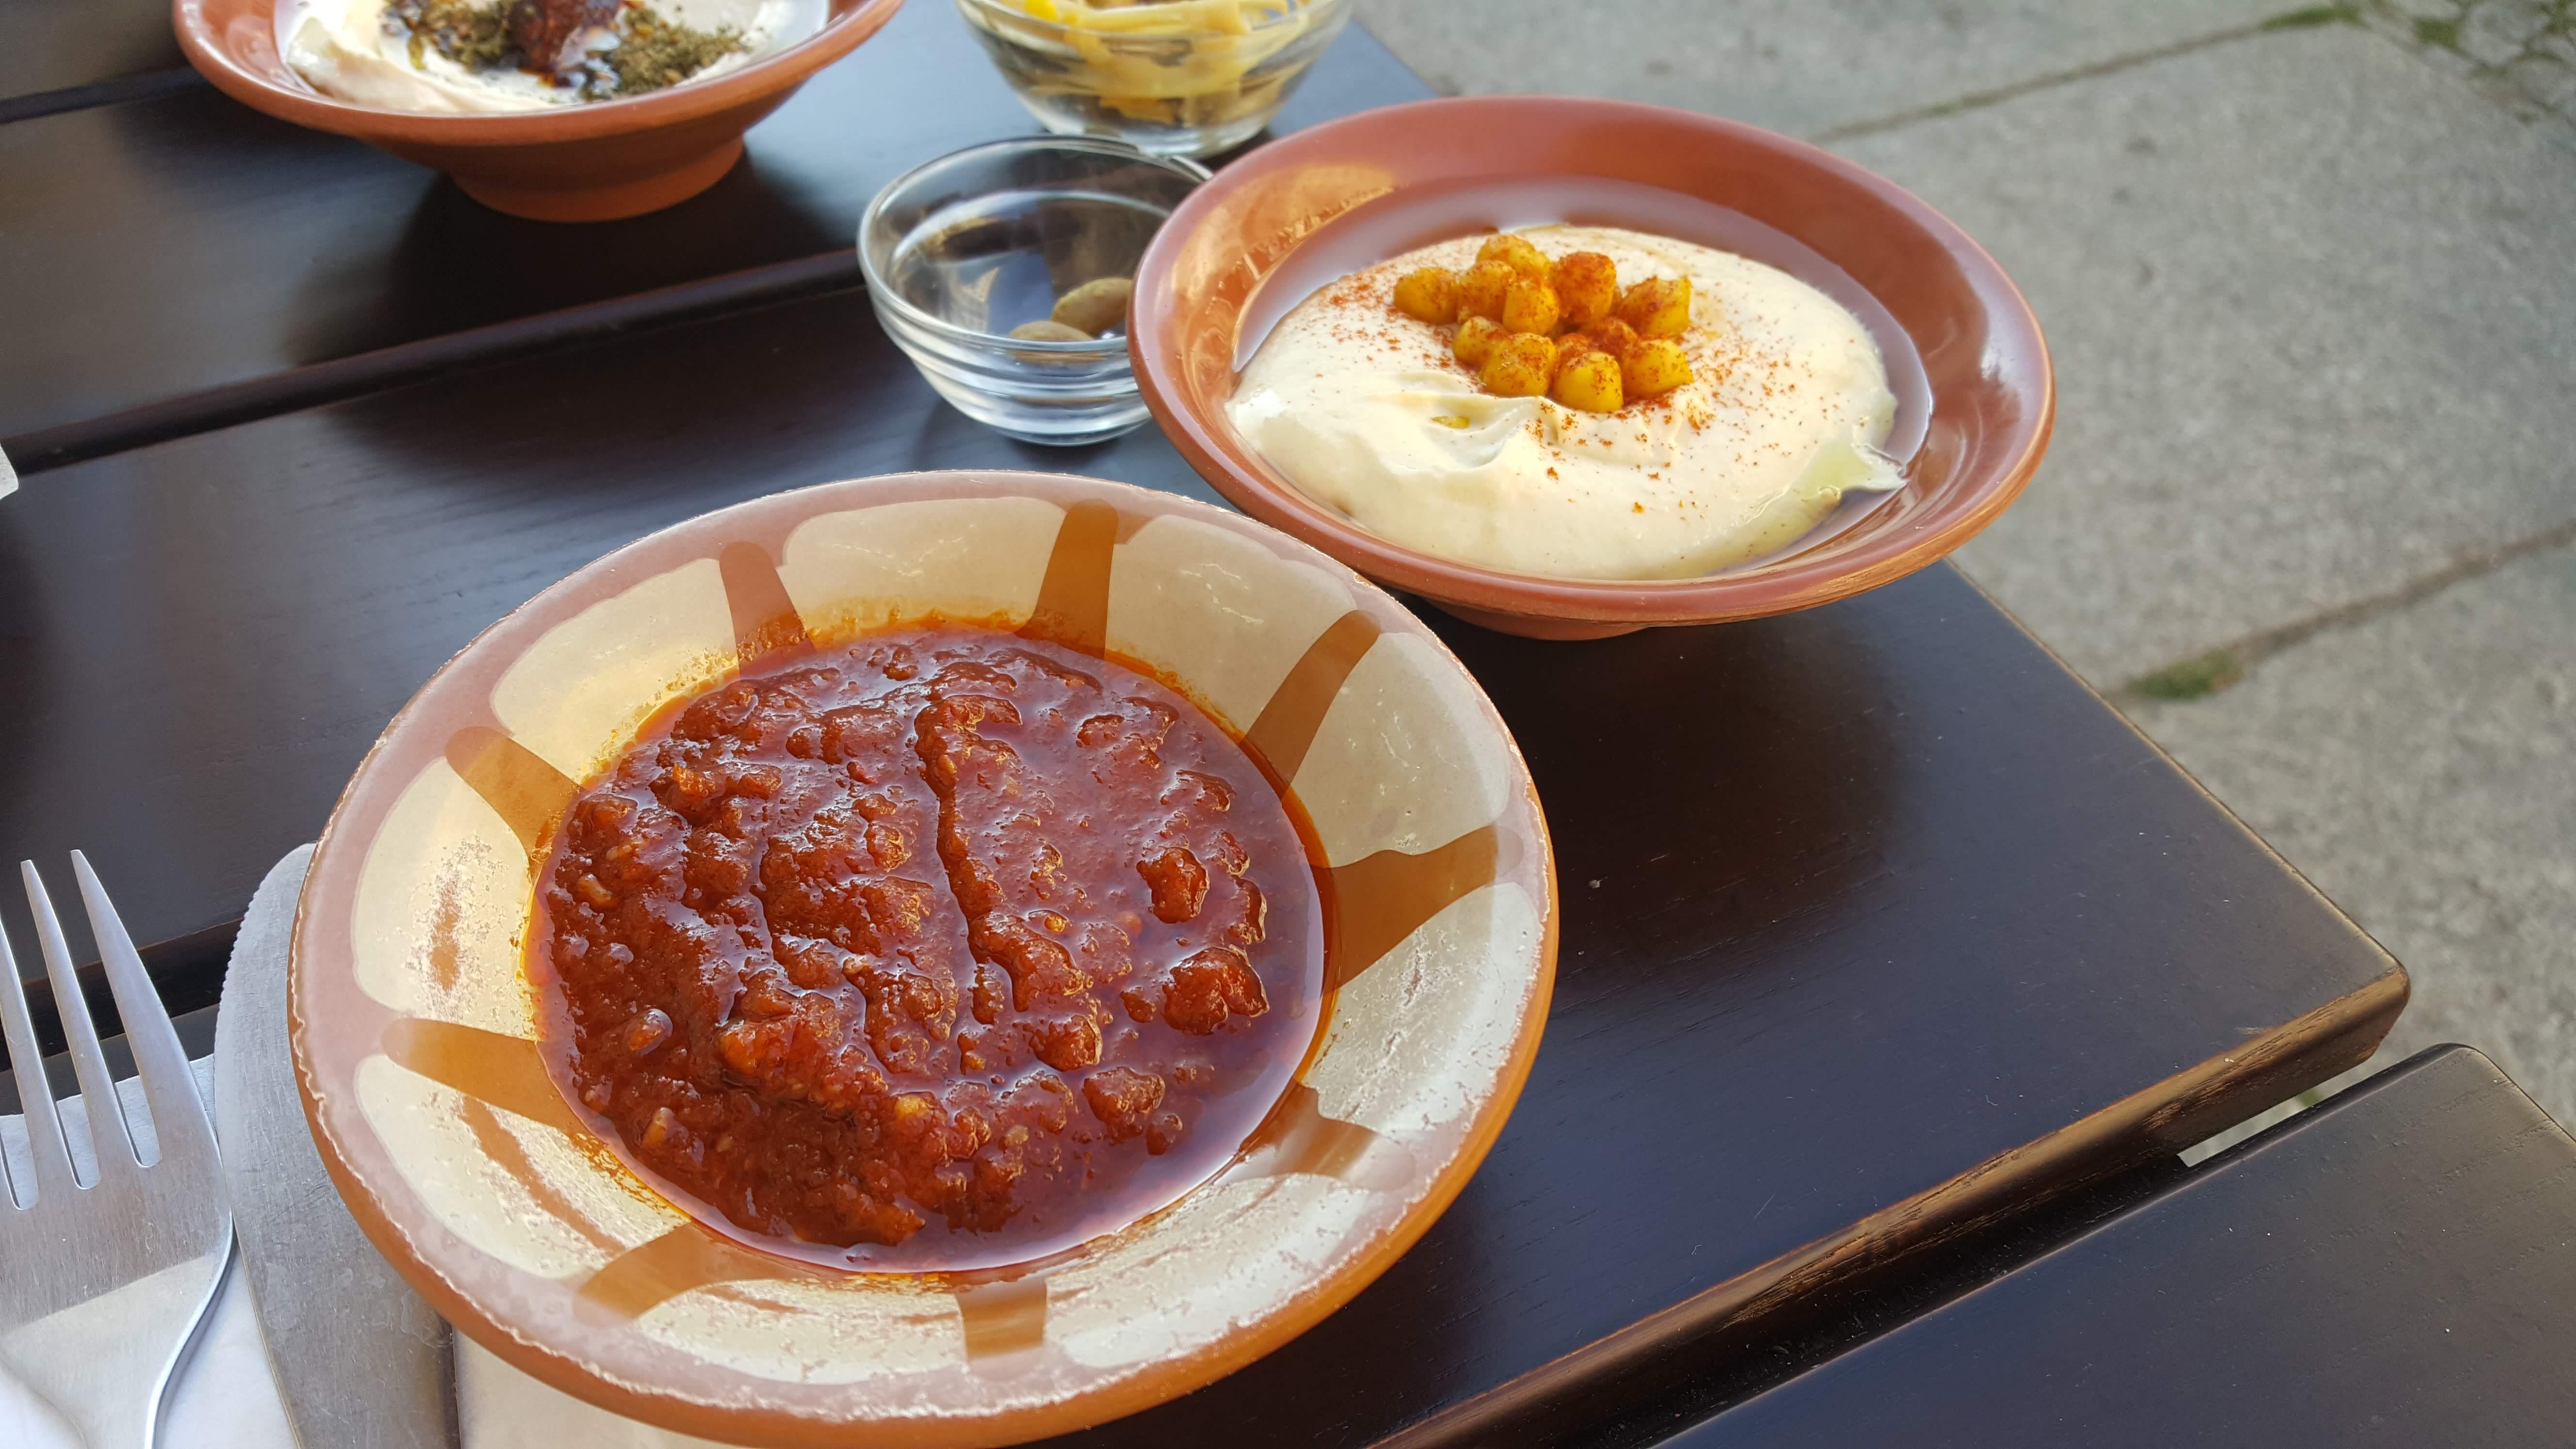 Matbucha und Hummus, Yafo, Berlin